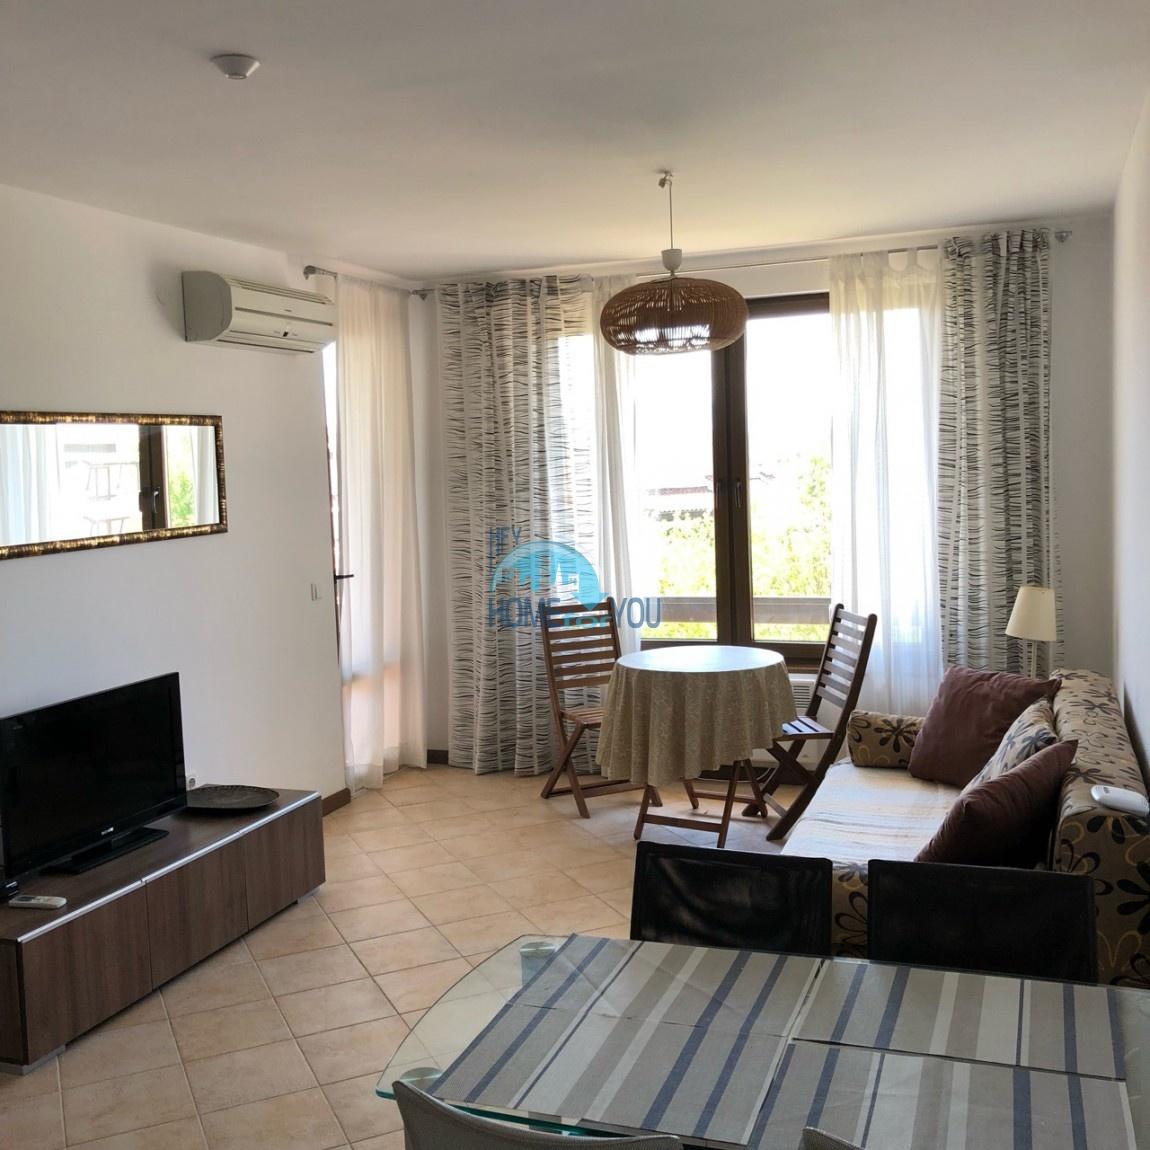 Меблированная квартира в комплексе Оазис, курорт Лозенец 2